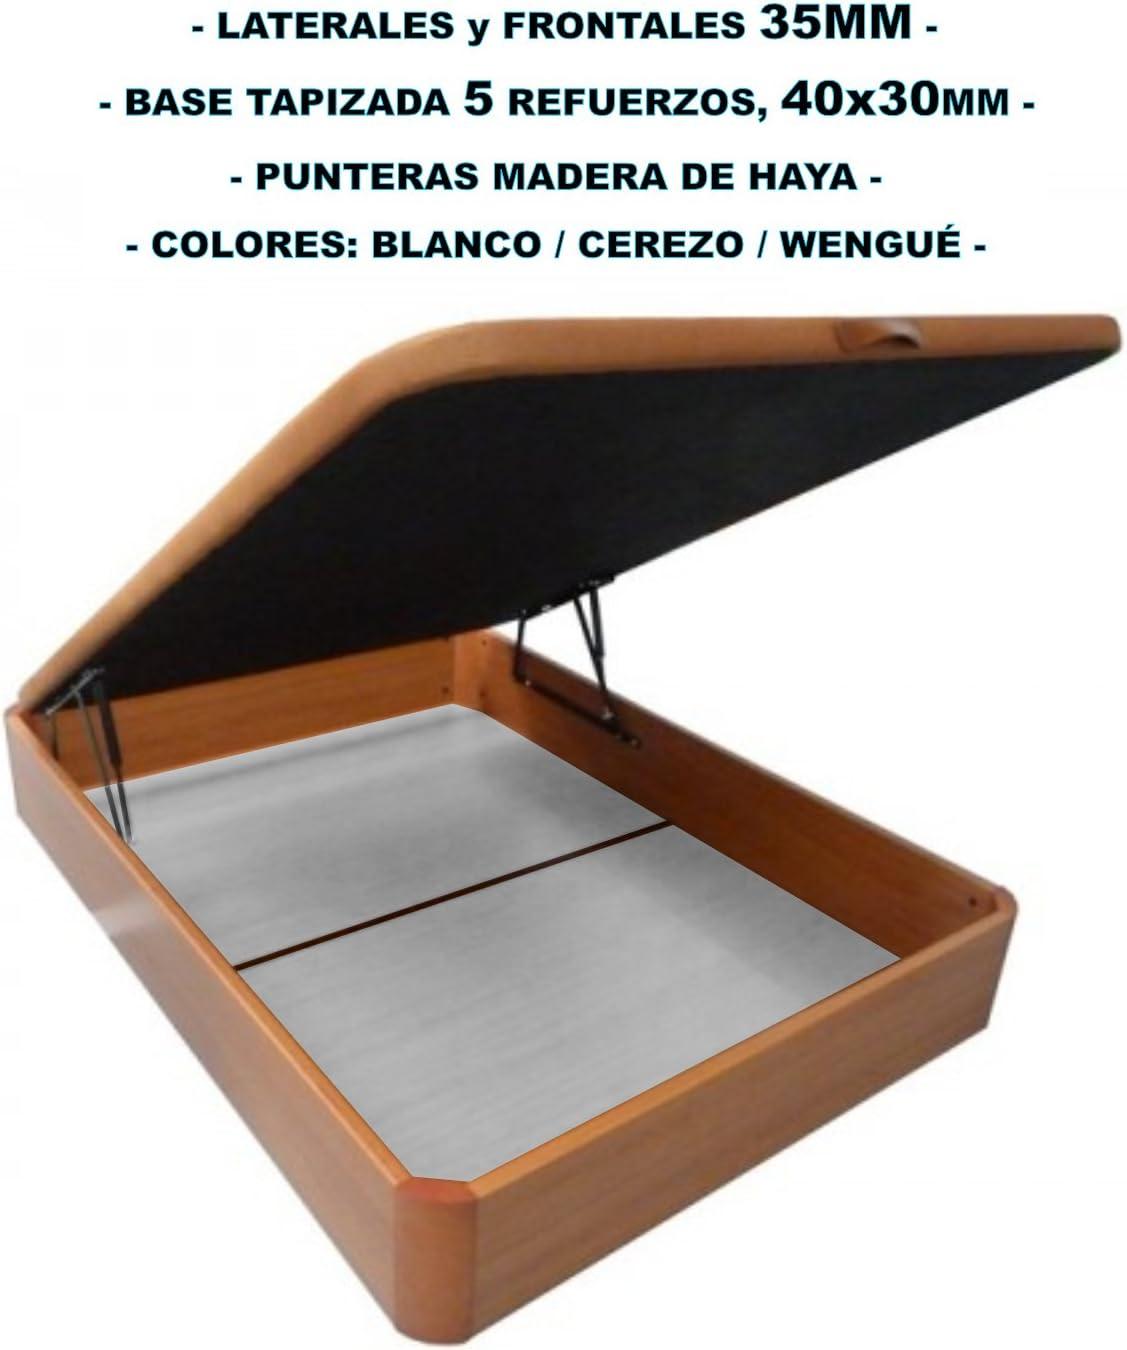 Canapé de madera con BASE TAPIZADA, laterales de 35 MM, punteras de MADERA DE HAYA, gran capacidad, medida 150x190CM, color cerezo.